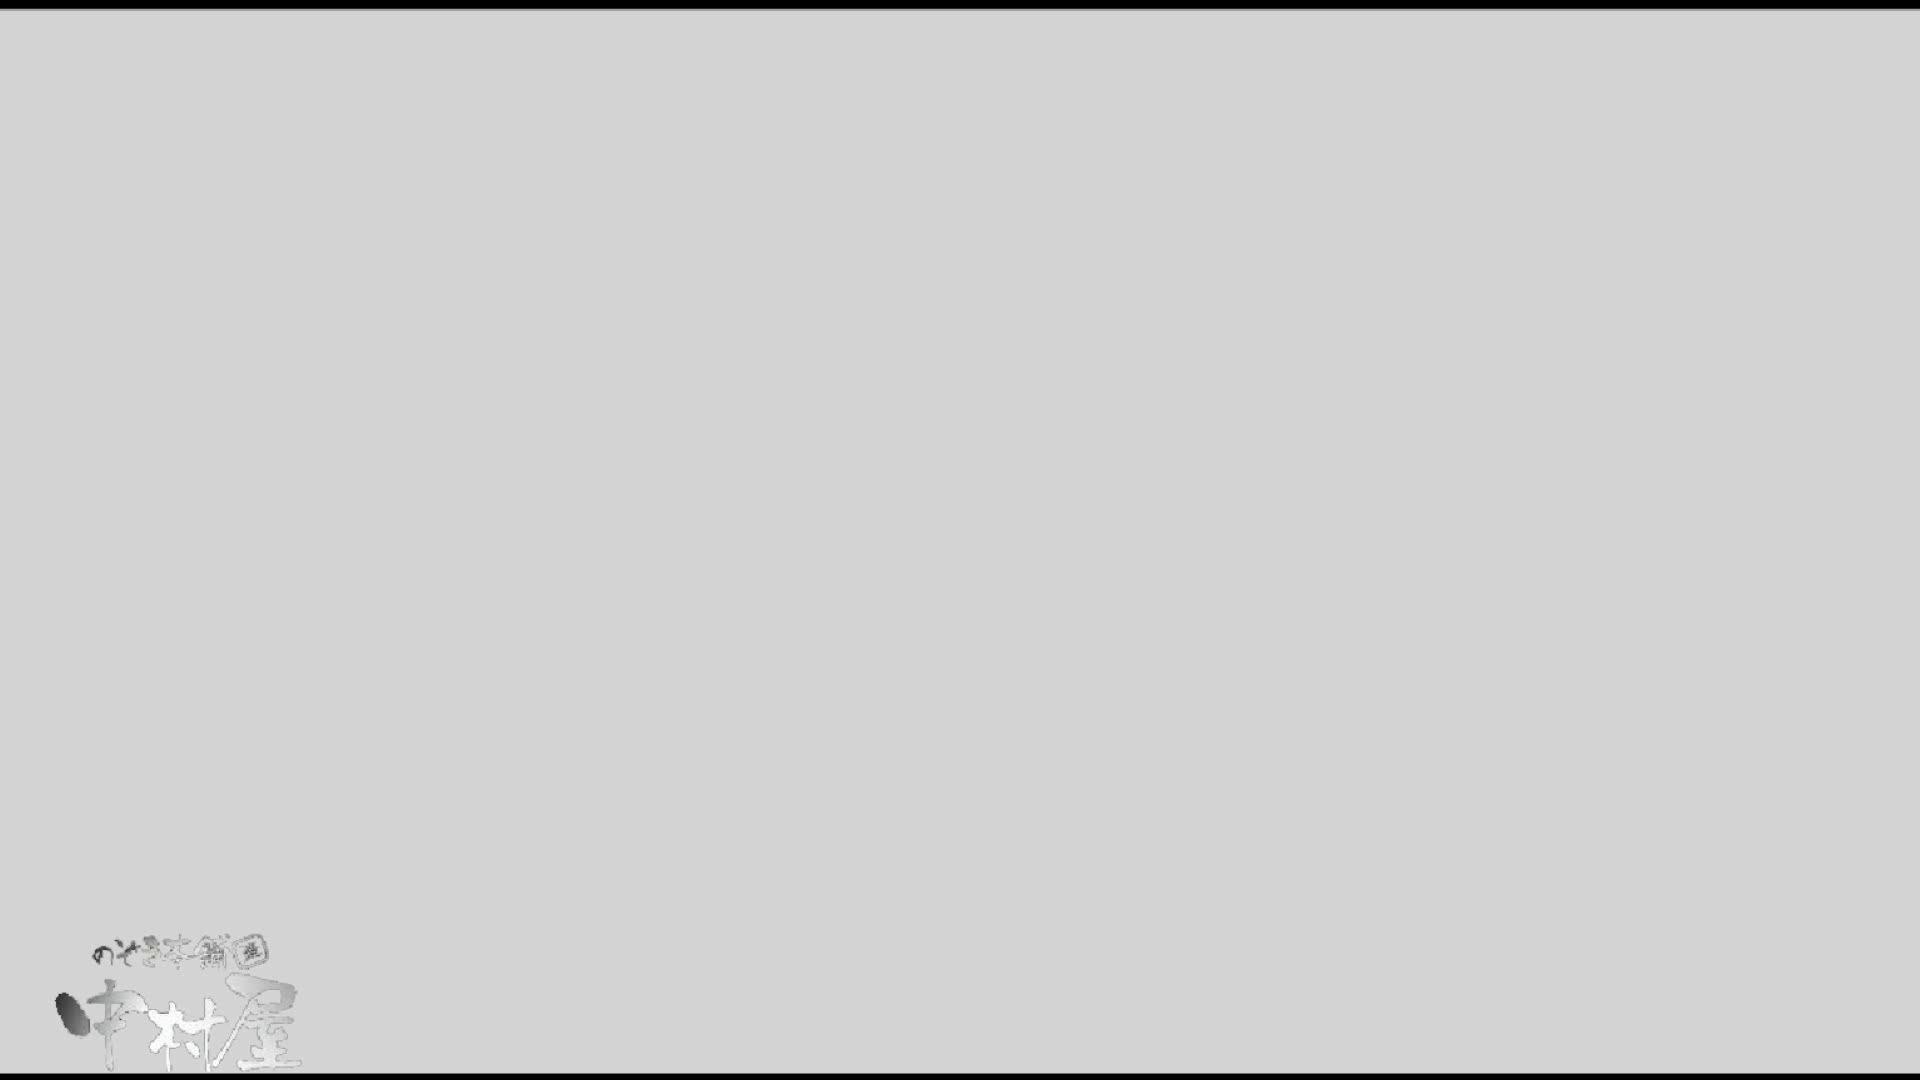 飛び出す黄金水!!!アトレ潜入 かわや盗撮 vol.02 潜入 セックス画像 34PICs 2